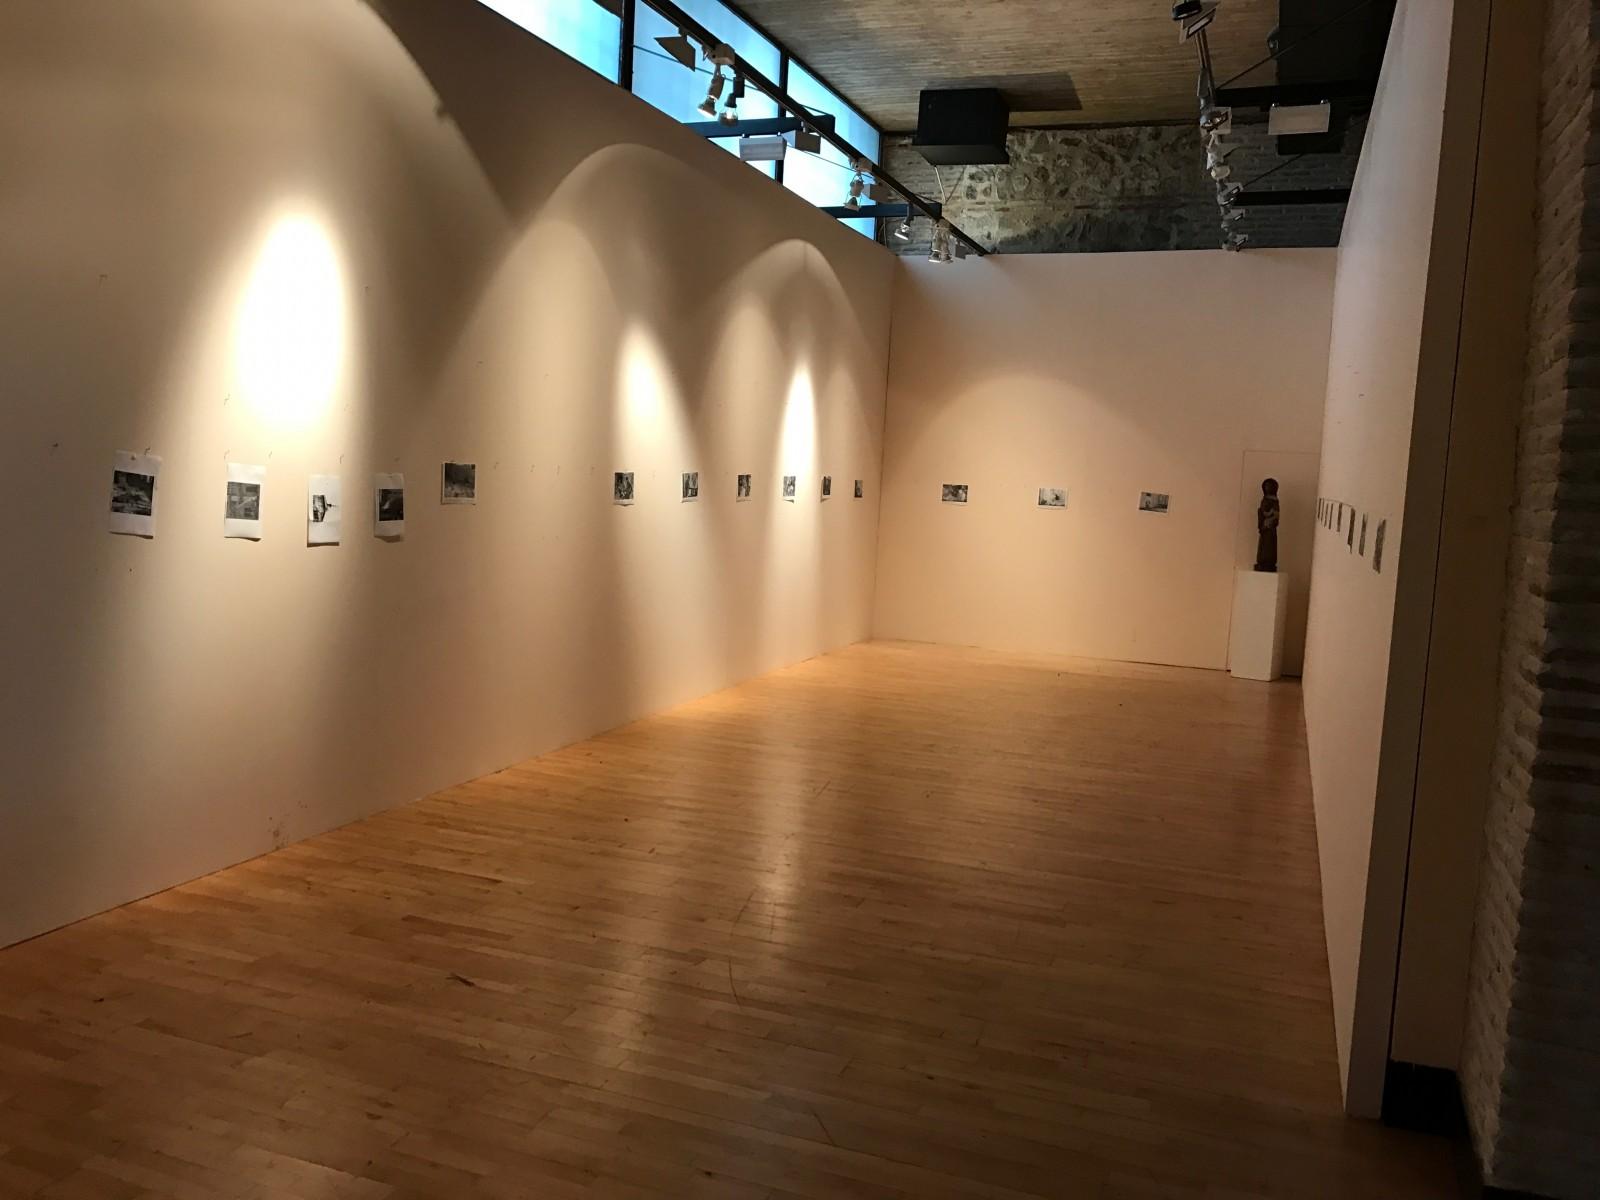 Montaje exposición 153 años Bomberos de Toledo30 años Pablo Carrasco (10)